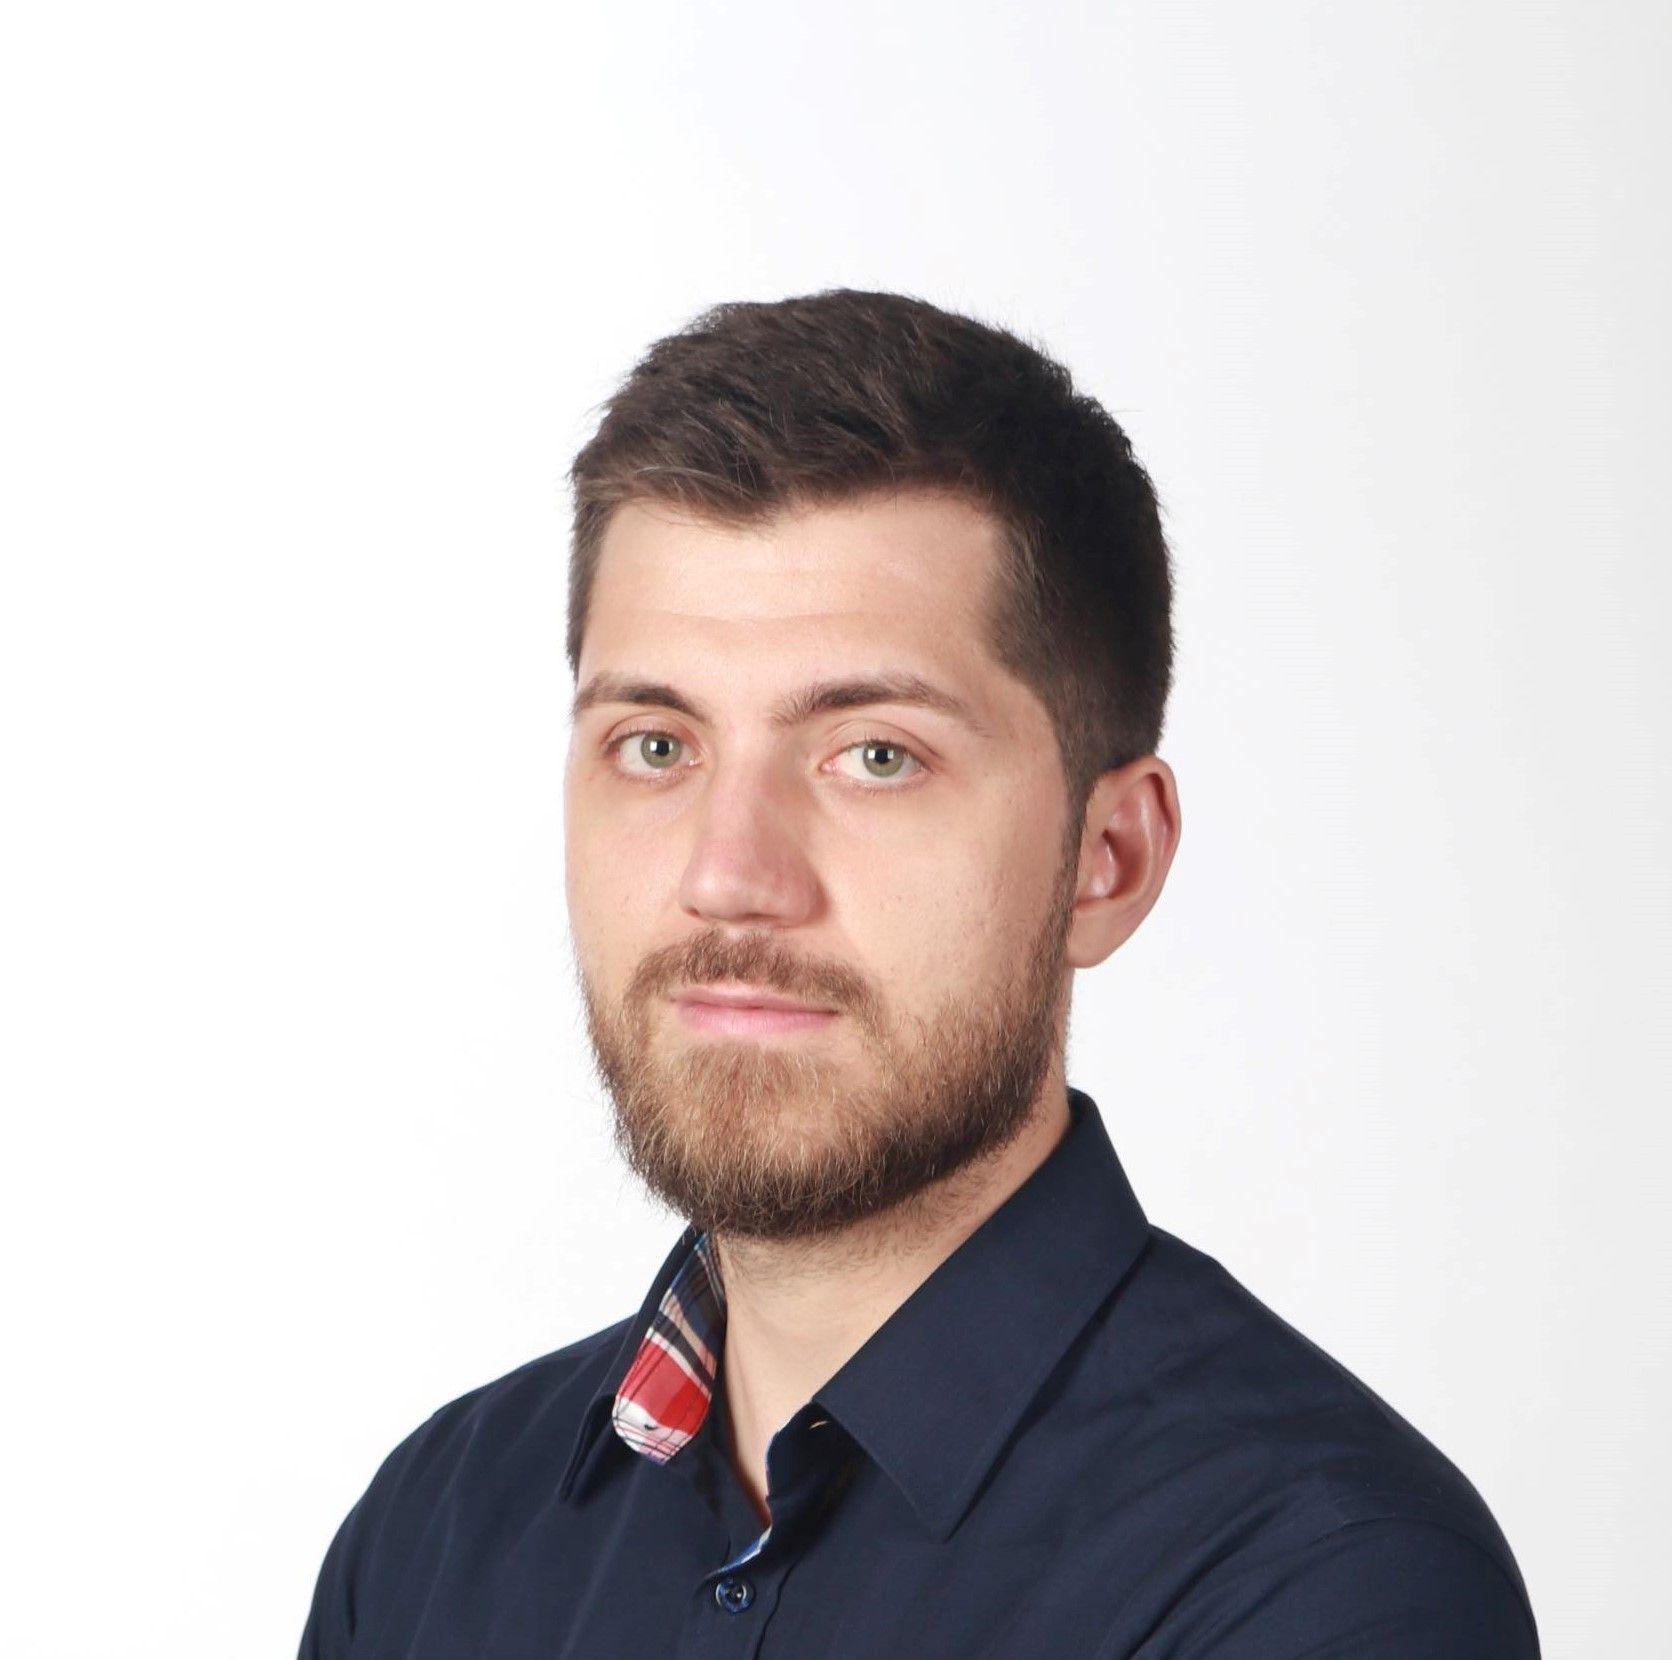 Daniel Kazani